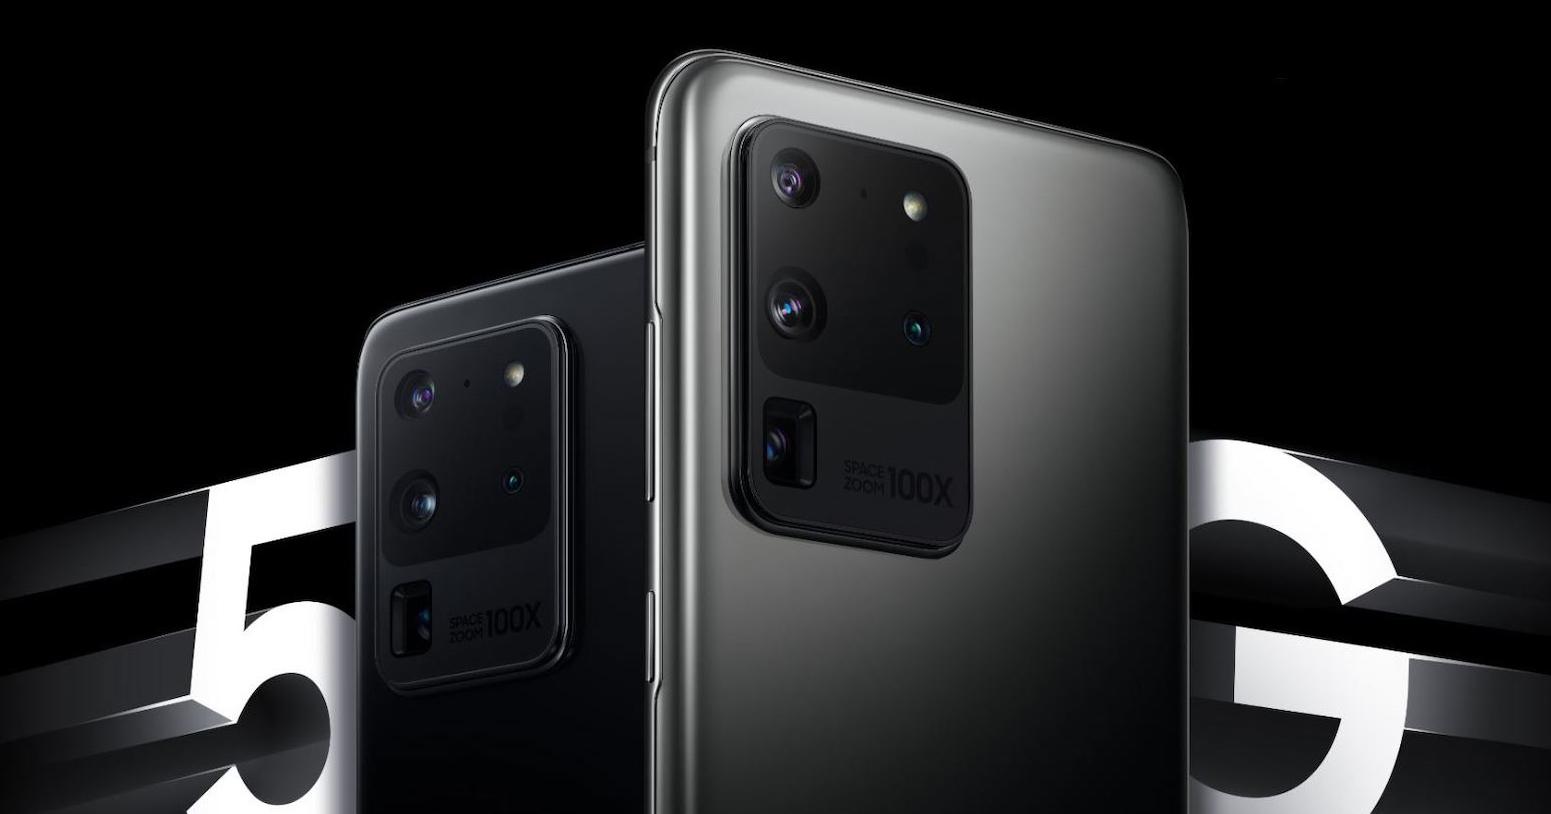 Samsung presenta el Galaxy S20 Ultra con un sensor de 108MP, 8K de vídeo y un zoom de 100x